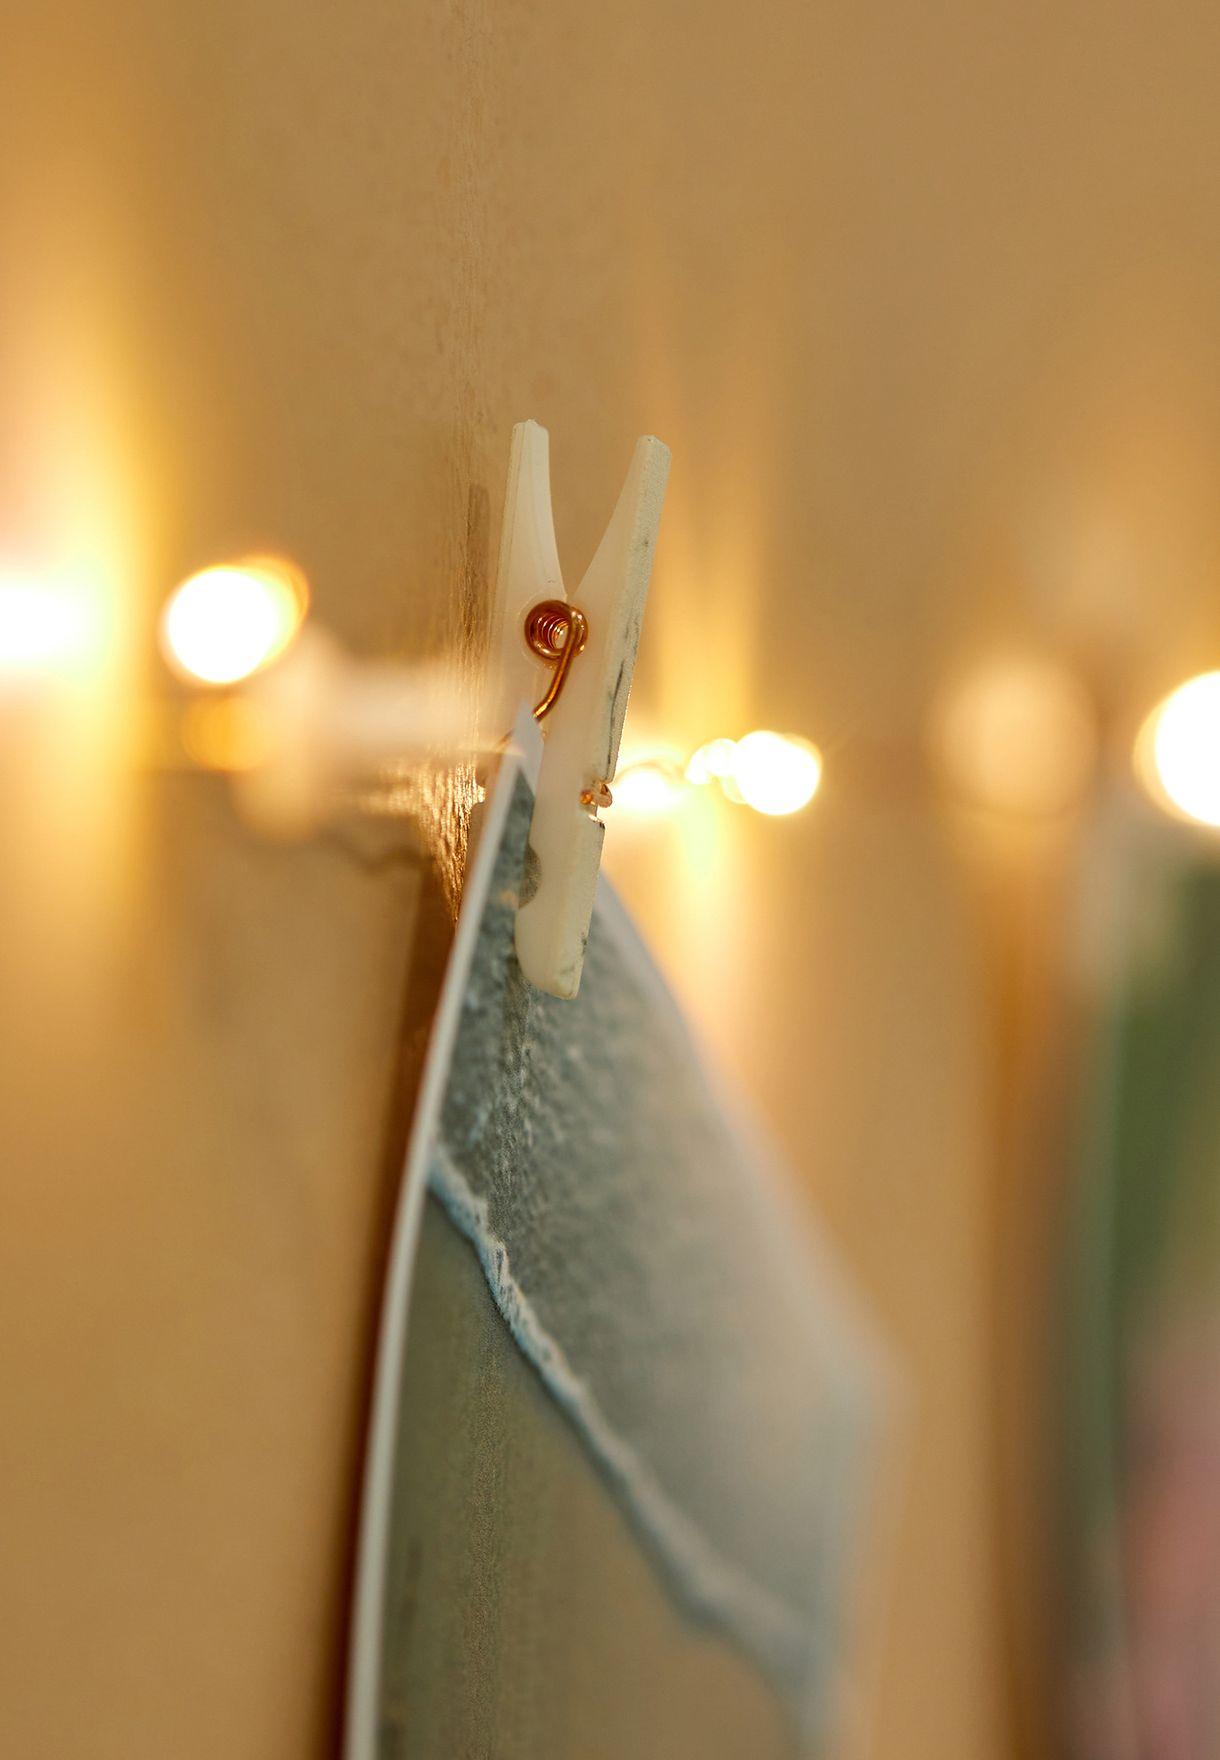 حبل بوحدات اضاءة